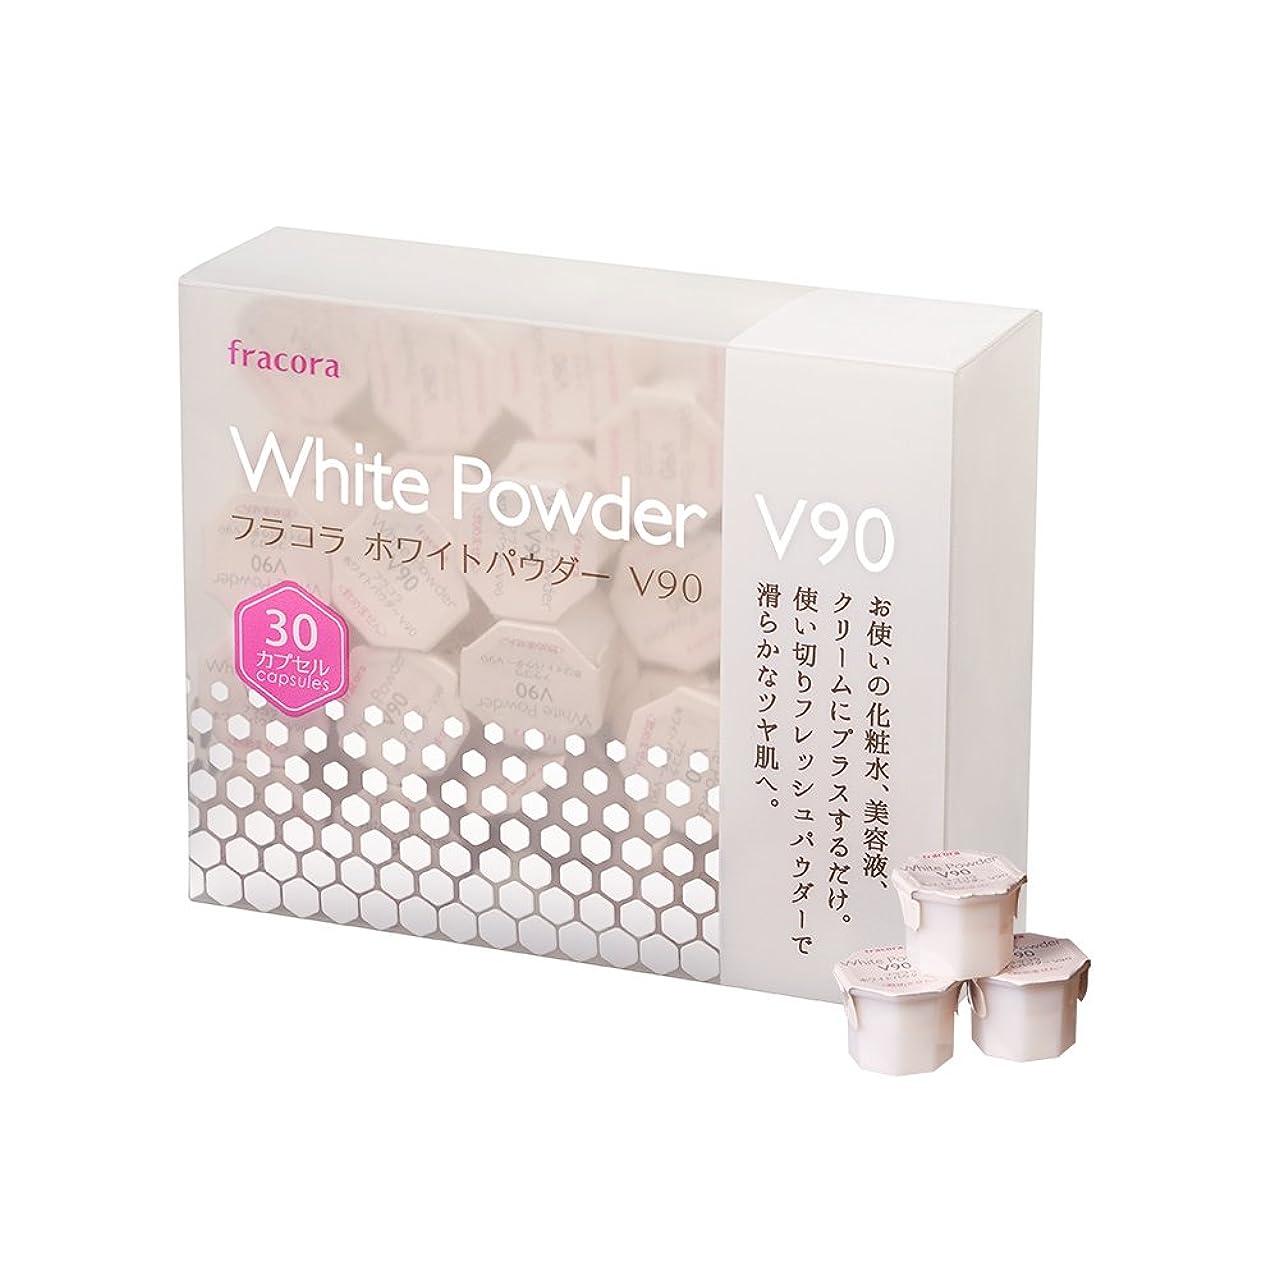 のスコア落花生限りfracora(フラコラ) 持続型ビタミンC誘導体美容パウダー ホワイトパウダーV90 30カプセル